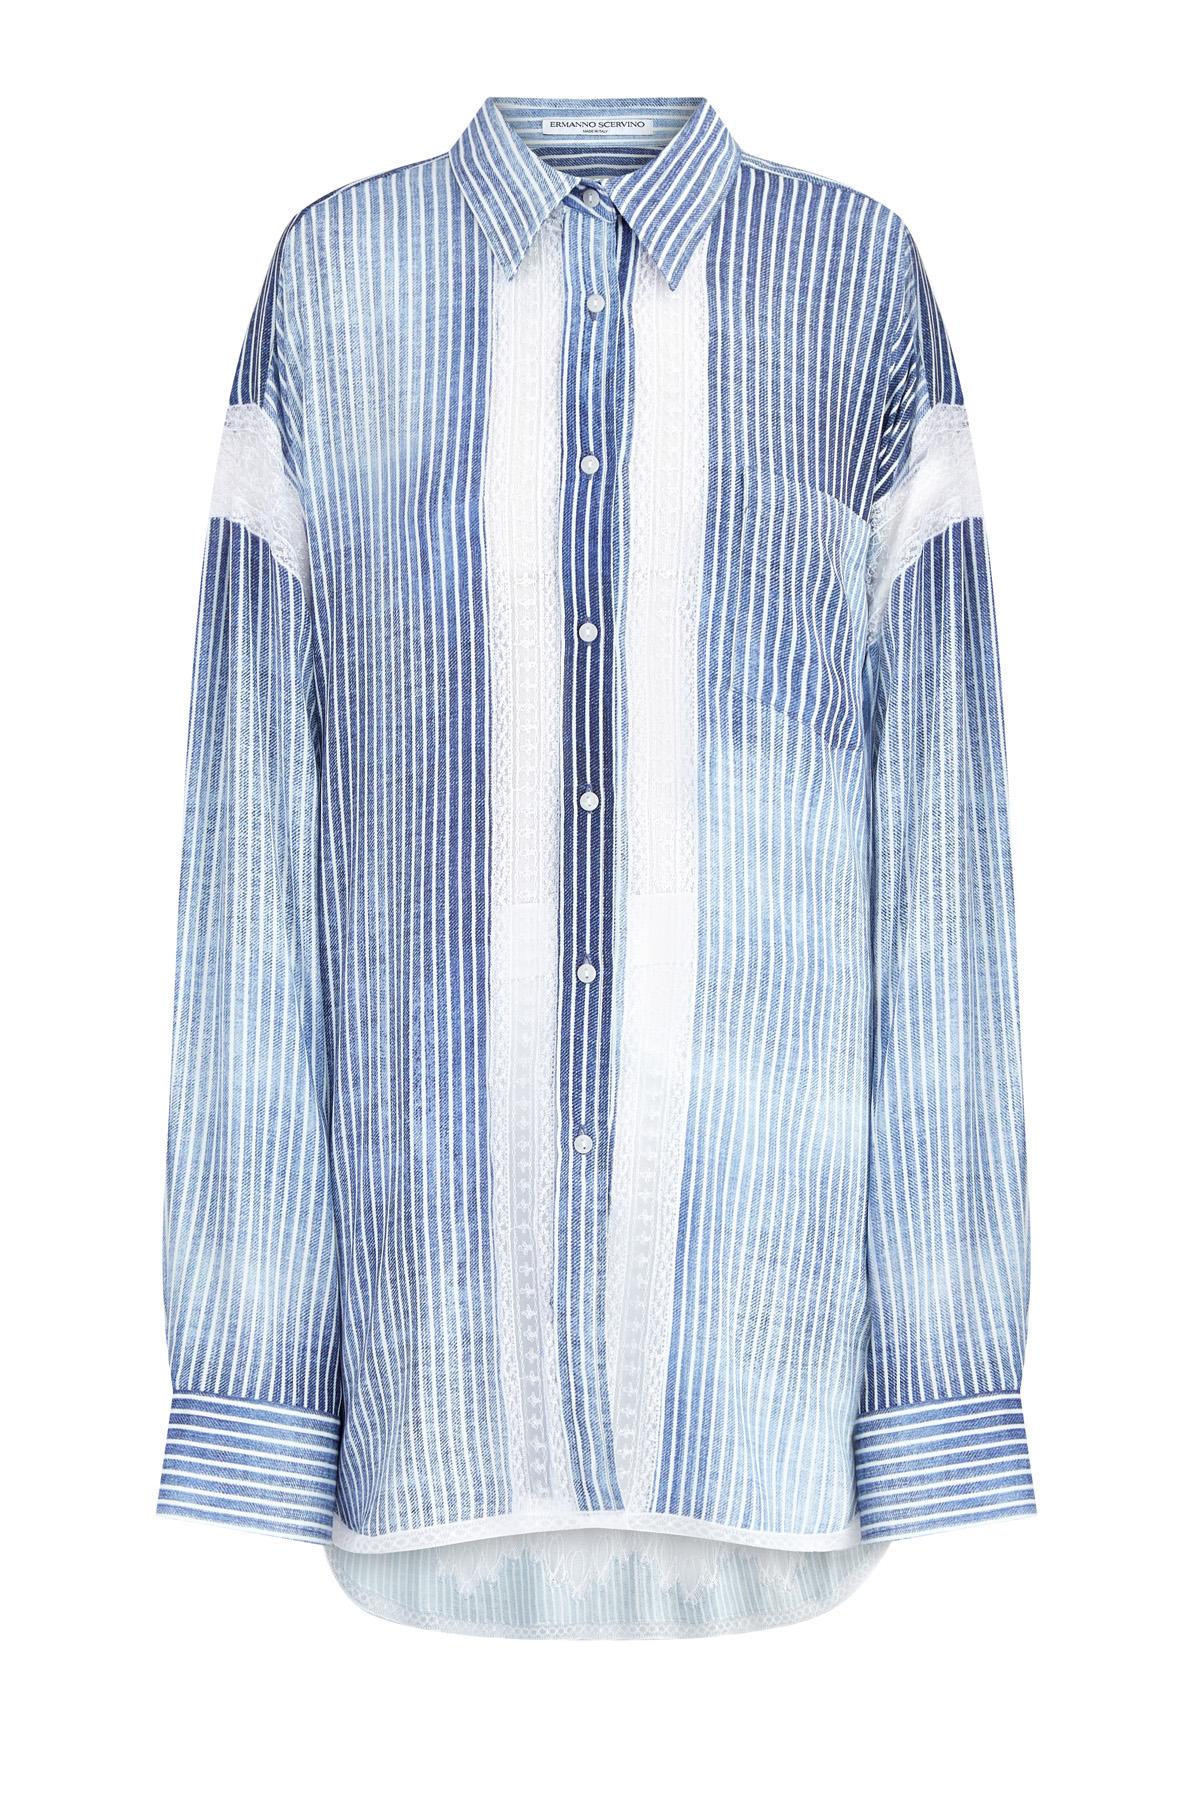 Купить со скидкой Oversize-рубашка из ткани марокен с отделкой кружевом ручной работы